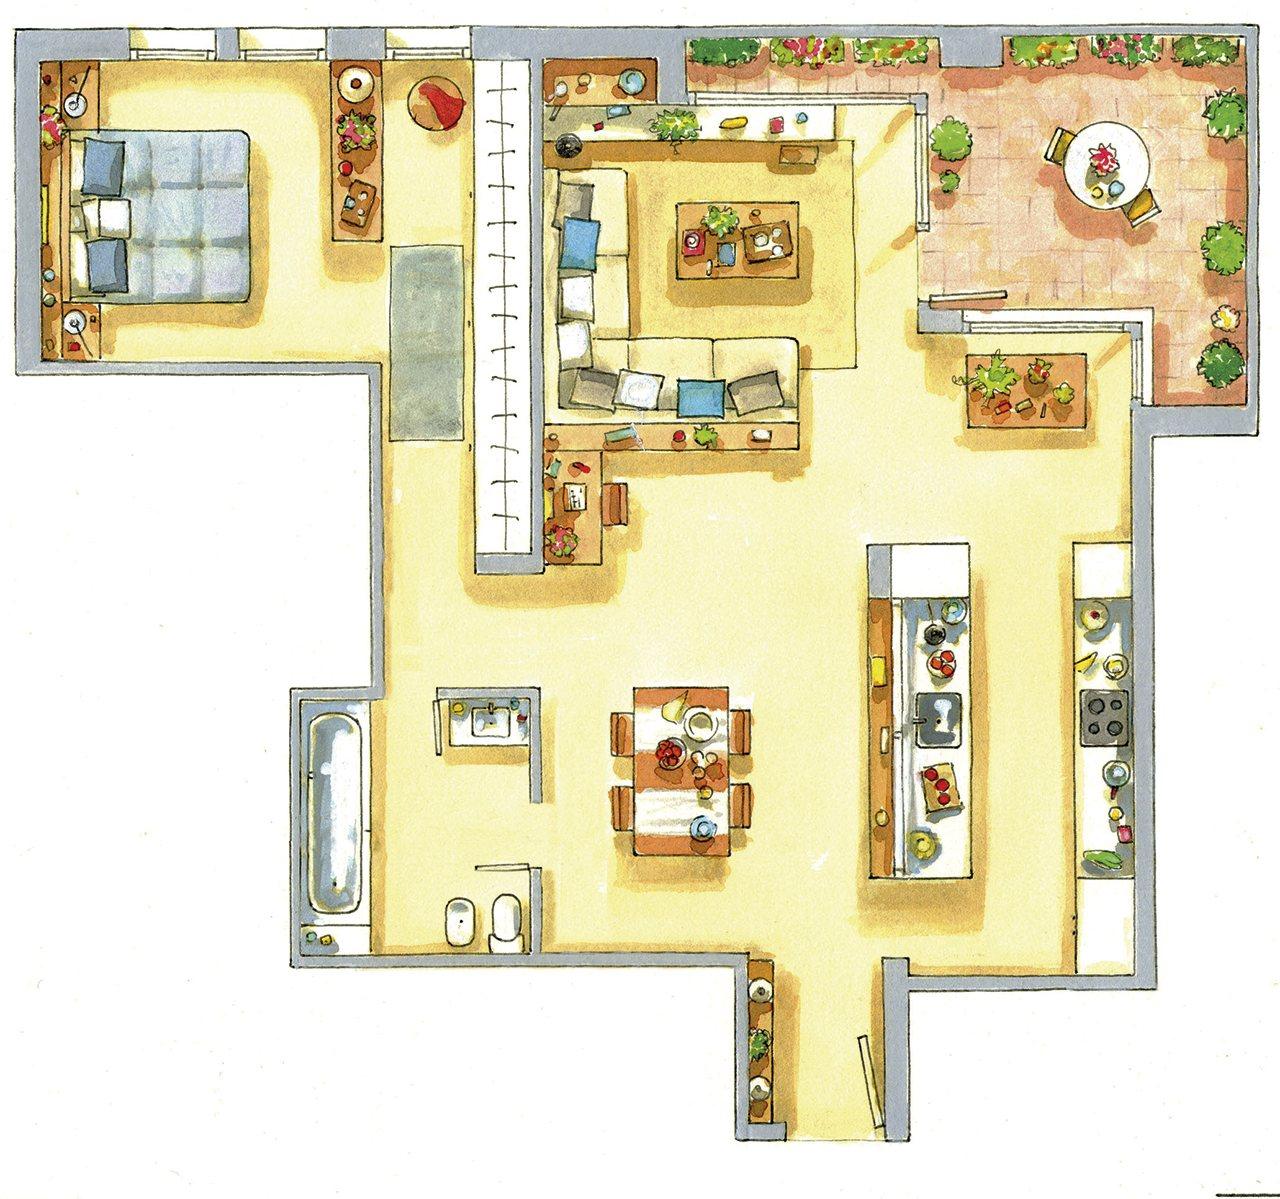 mali-stan-sa-dobrim-rješenjima-uredenja-prostora-12